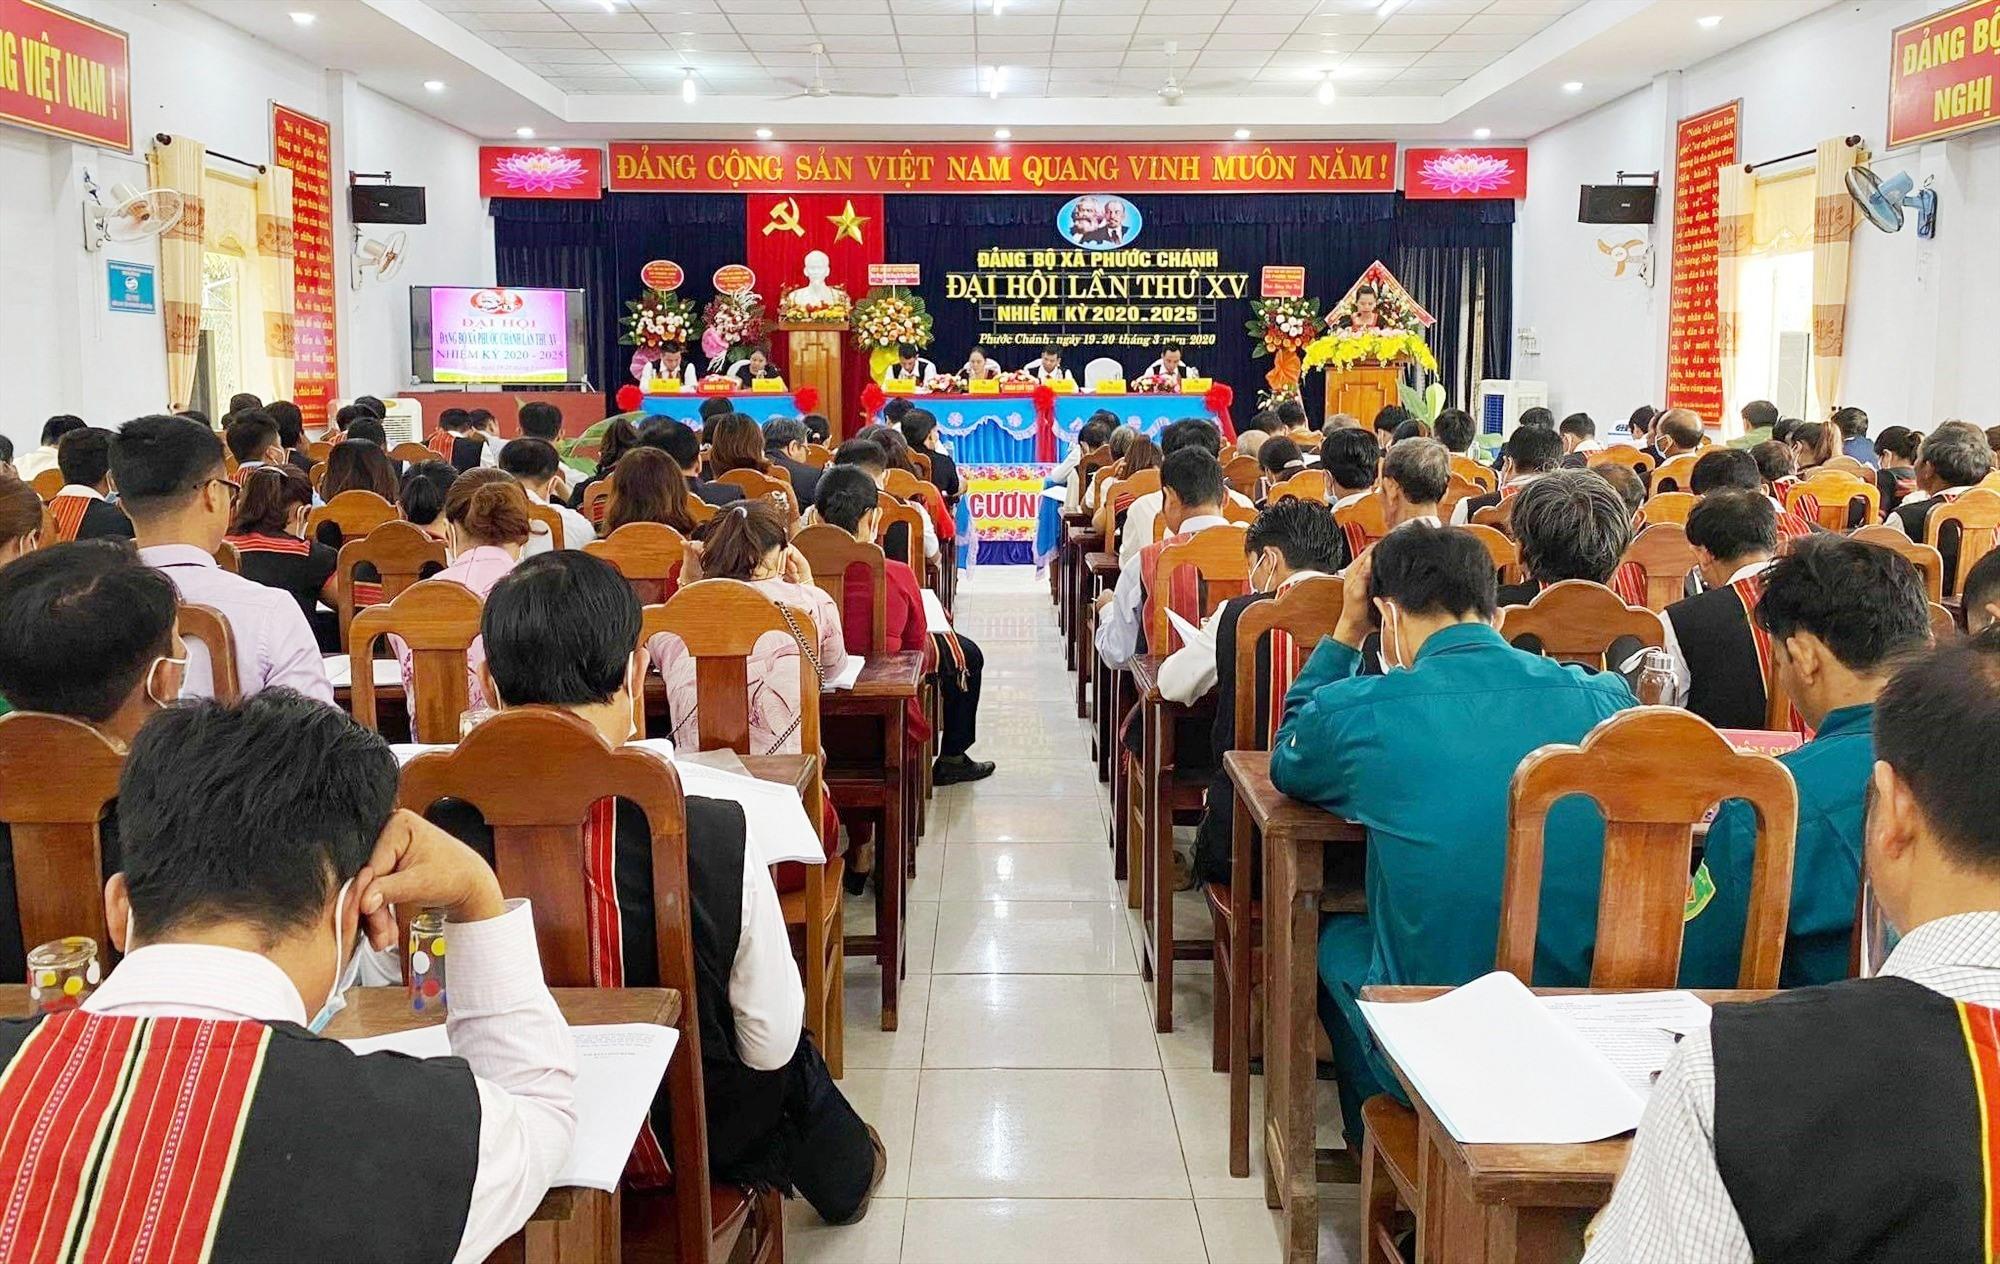 Đảng bộ xã Phước Chánh được Ban Thường vụ Huyện ủy Phước Sơn chọn tổ chức đại hội trước để rút kinh nghiệm chỉ đạo đại hội cấp cơ sở của huyện. Ảnh: TRÀ MY